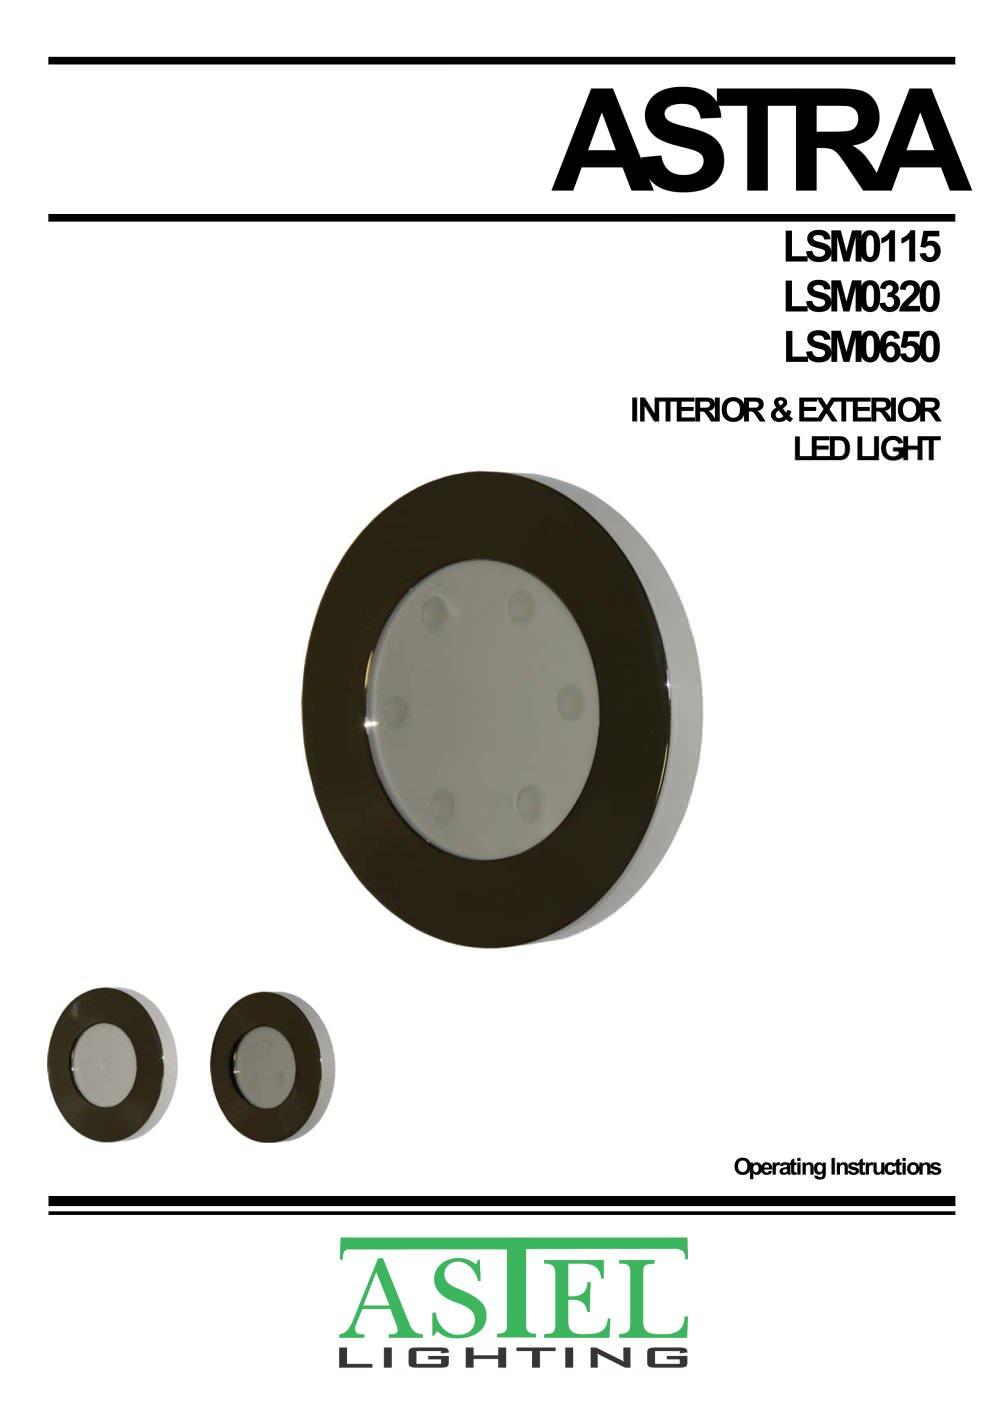 astra lsm0115 lsm0320 lsm0650 surface mount interior exterior